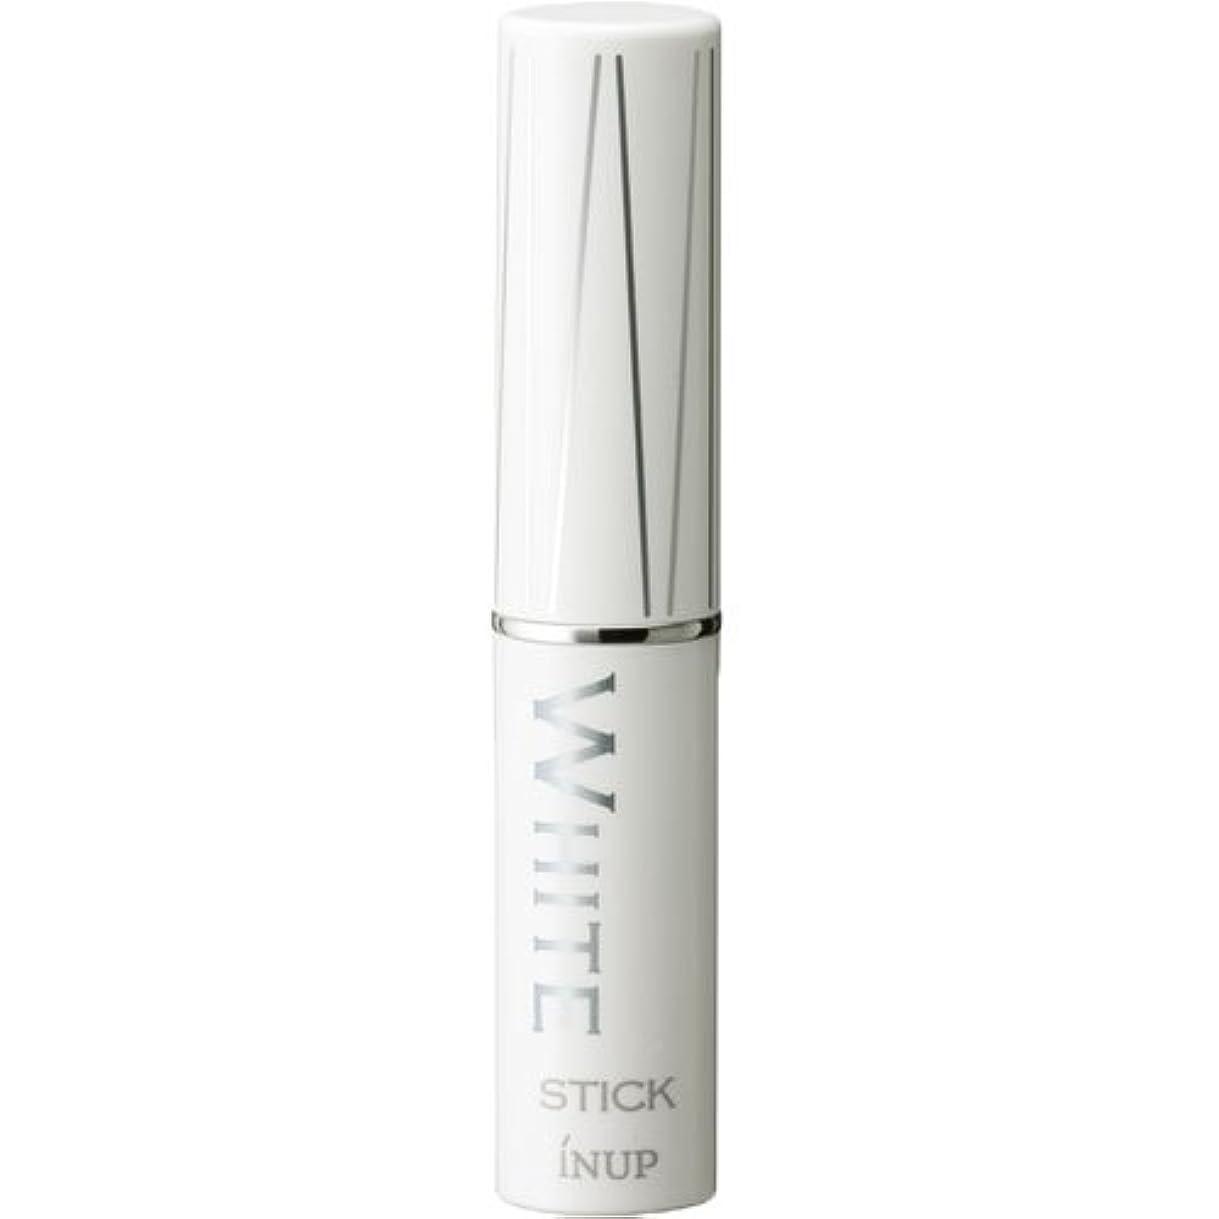 カストディアン空いているシフトインナップ 美容スティック ビタミンC誘導体85% 配合 ホワイトスティック